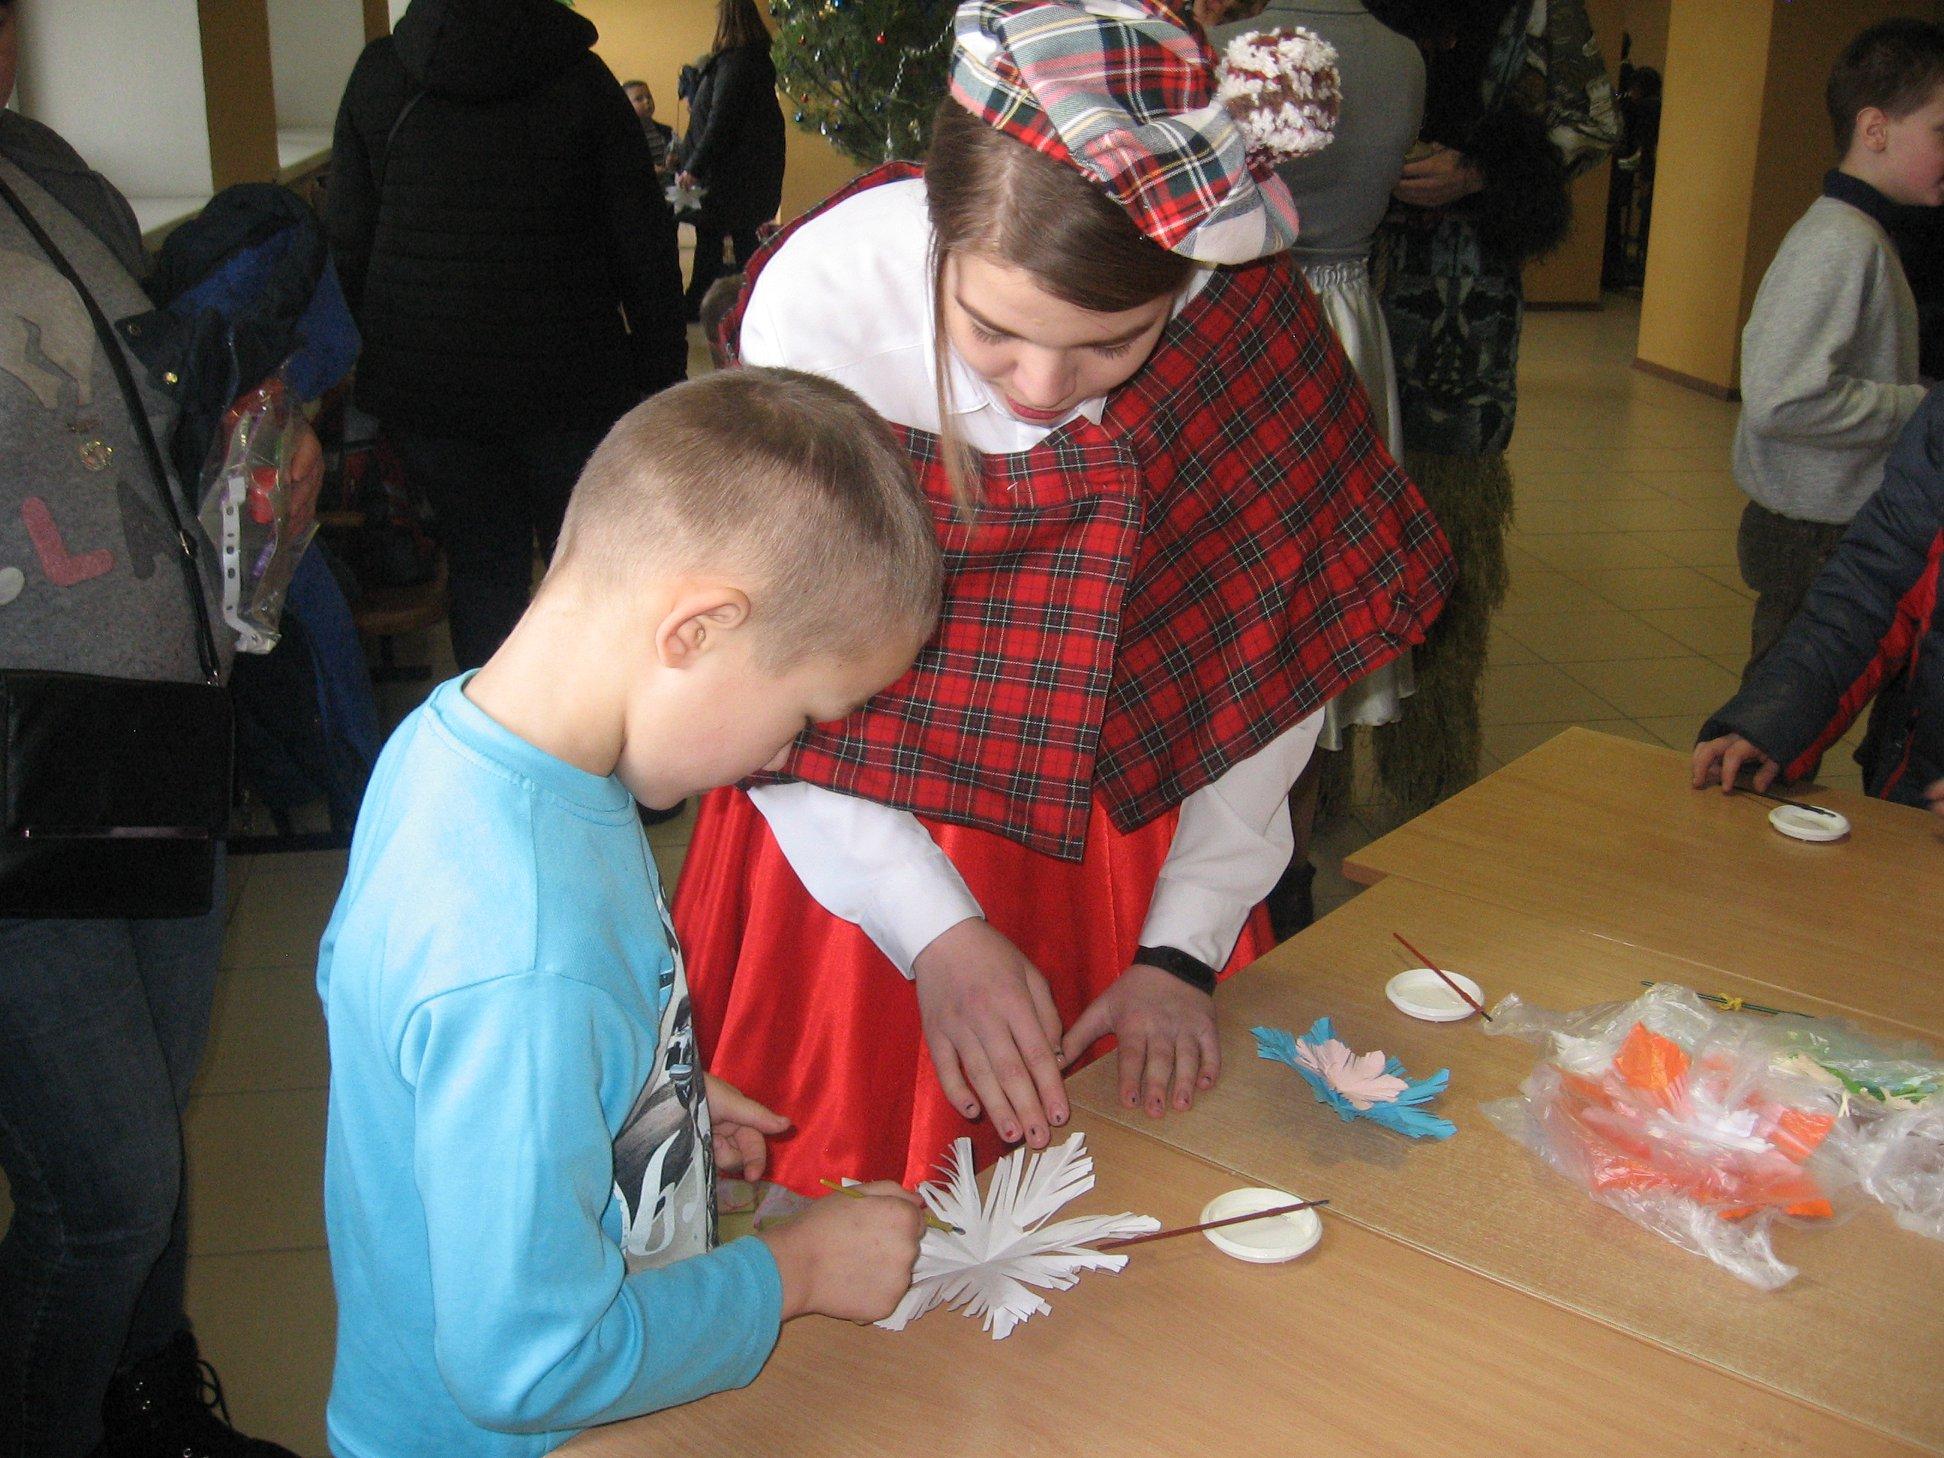 82533512_2465609347091736_4114423123032408064_o У Великій Мотовилівці на Фастівщині відбулось свято для особливих дітей